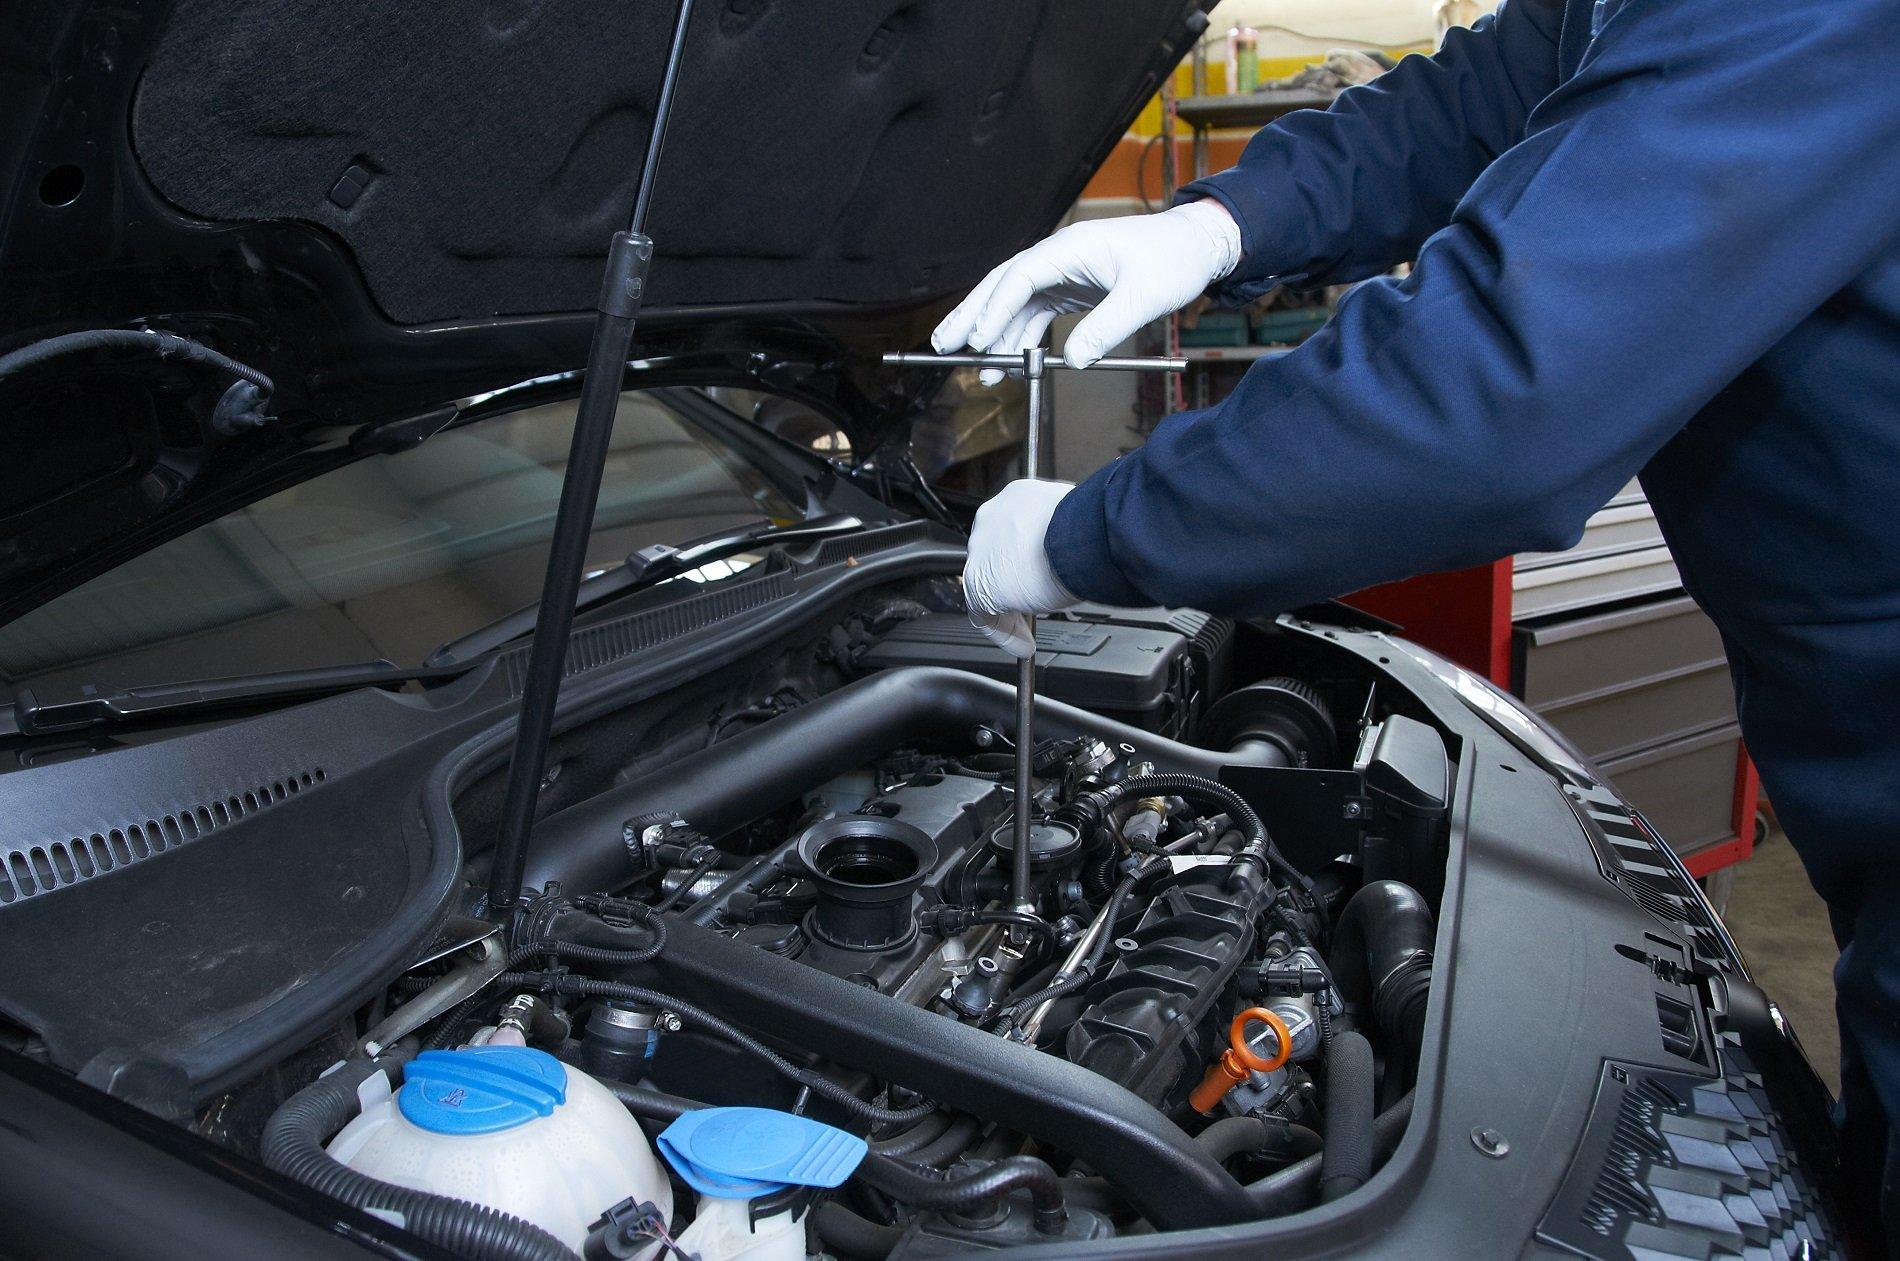 meccanico auto controlla un motore